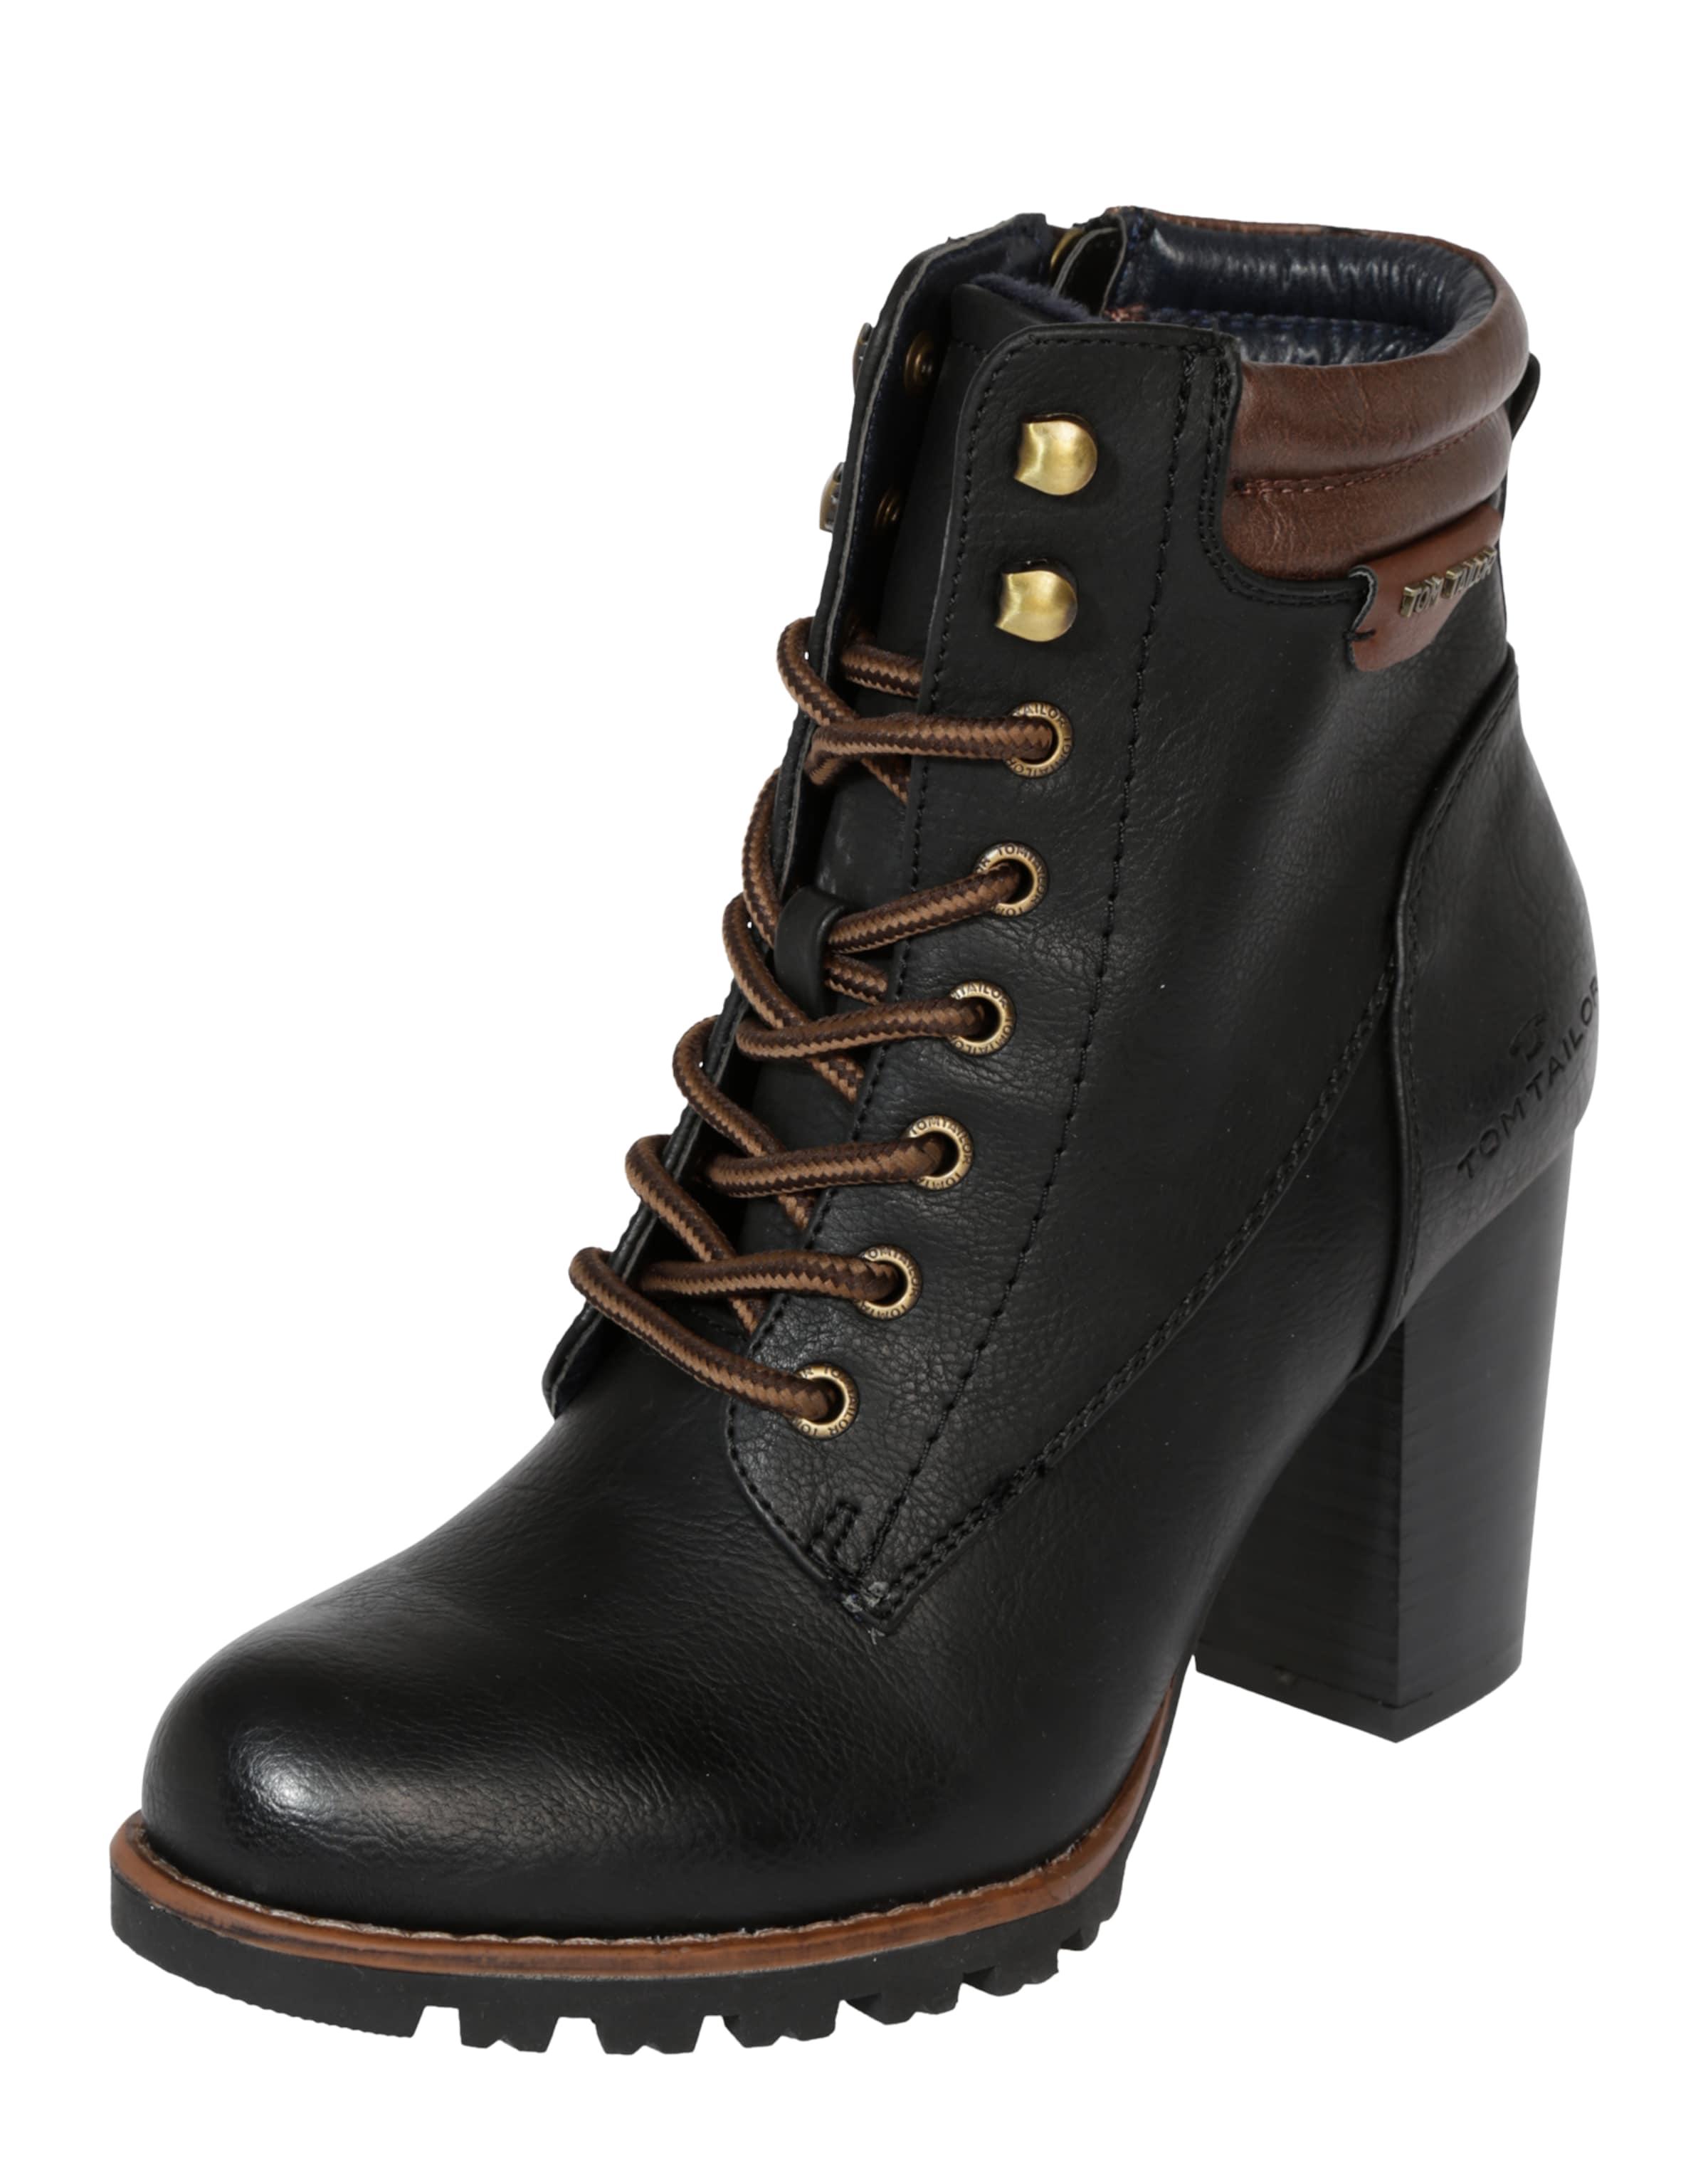 TOM TAILOR | Schnürstiefelette mit Blockabsatz Schuhe Gut getragene Schuhe